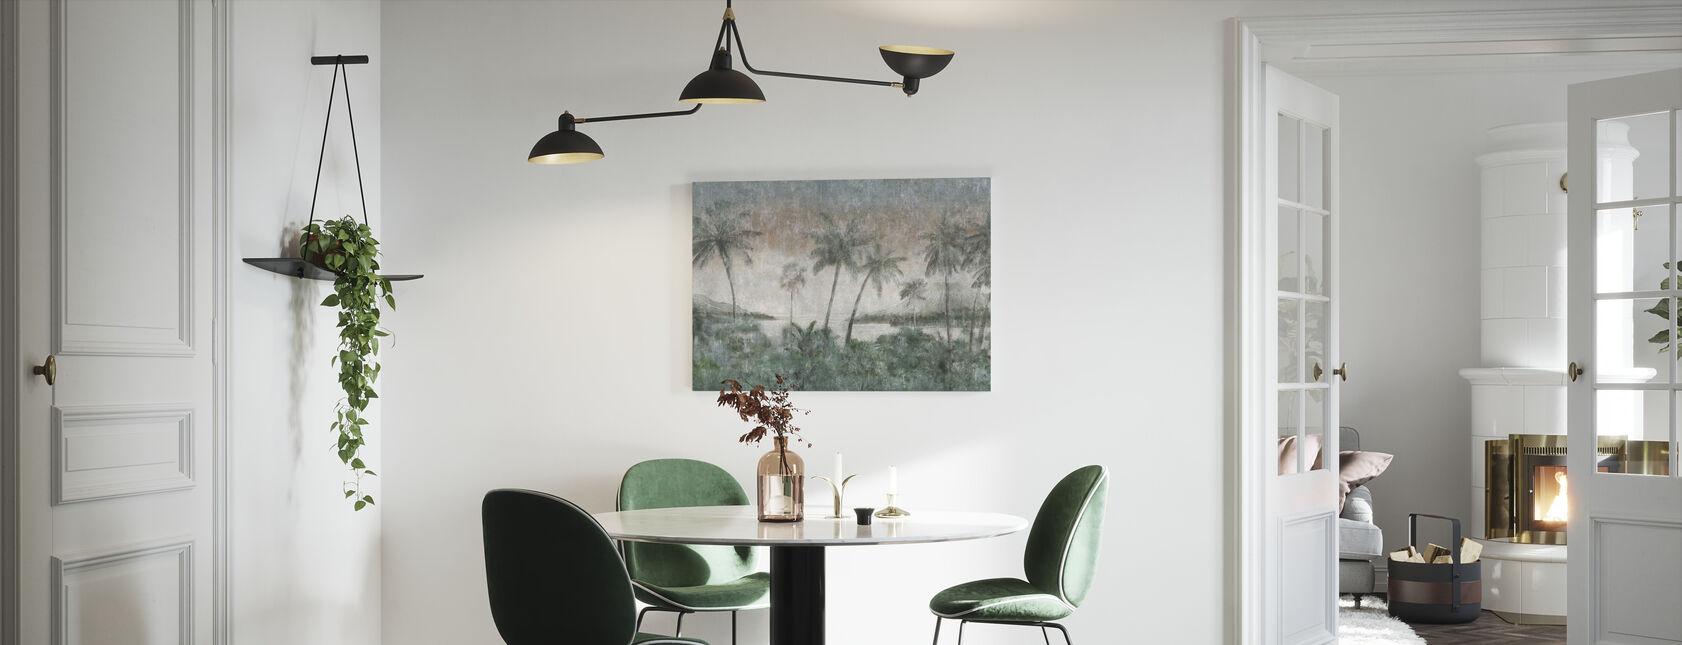 Waikiki - Leinwandbild - Küchen